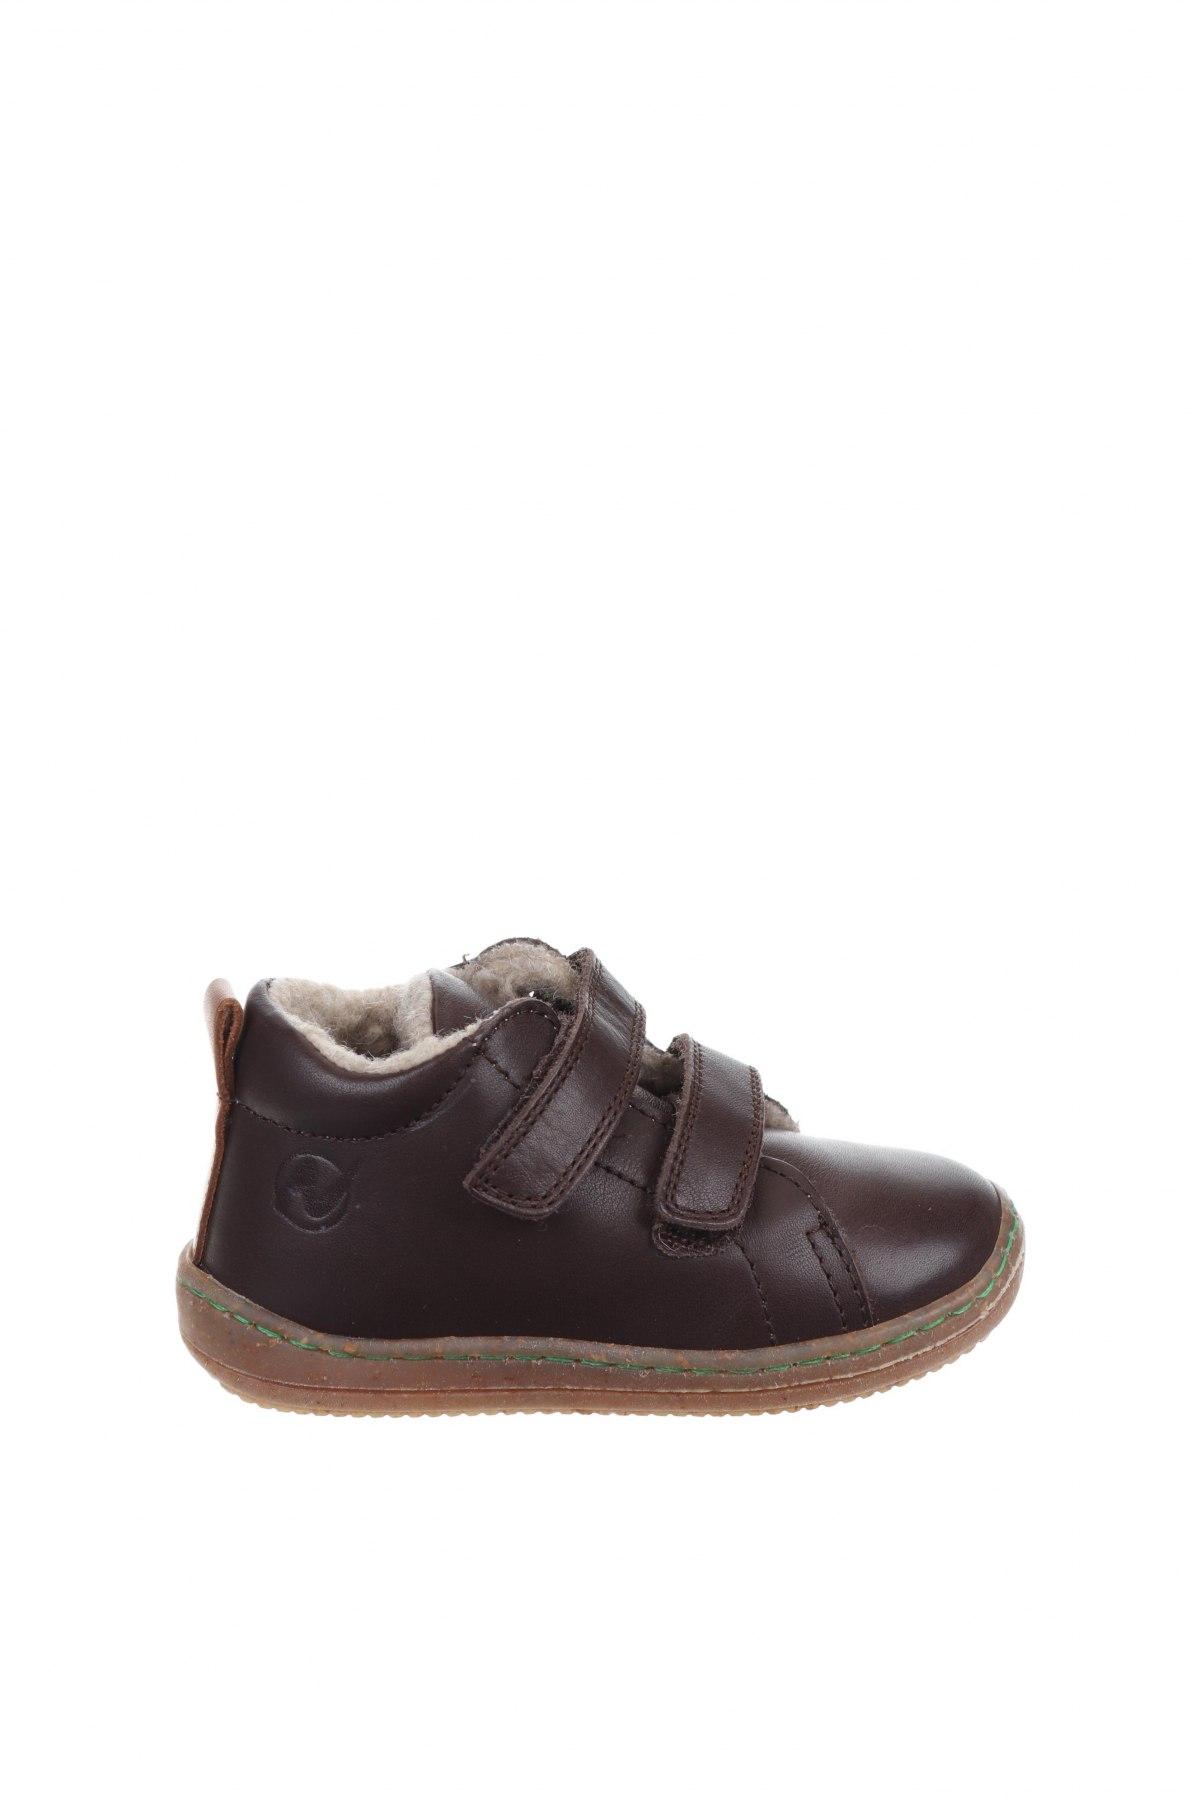 Παιδικά παπούτσια Naturino, Μέγεθος 21, Χρώμα Καφέ, Γνήσιο δέρμα, Τιμή 30,81€